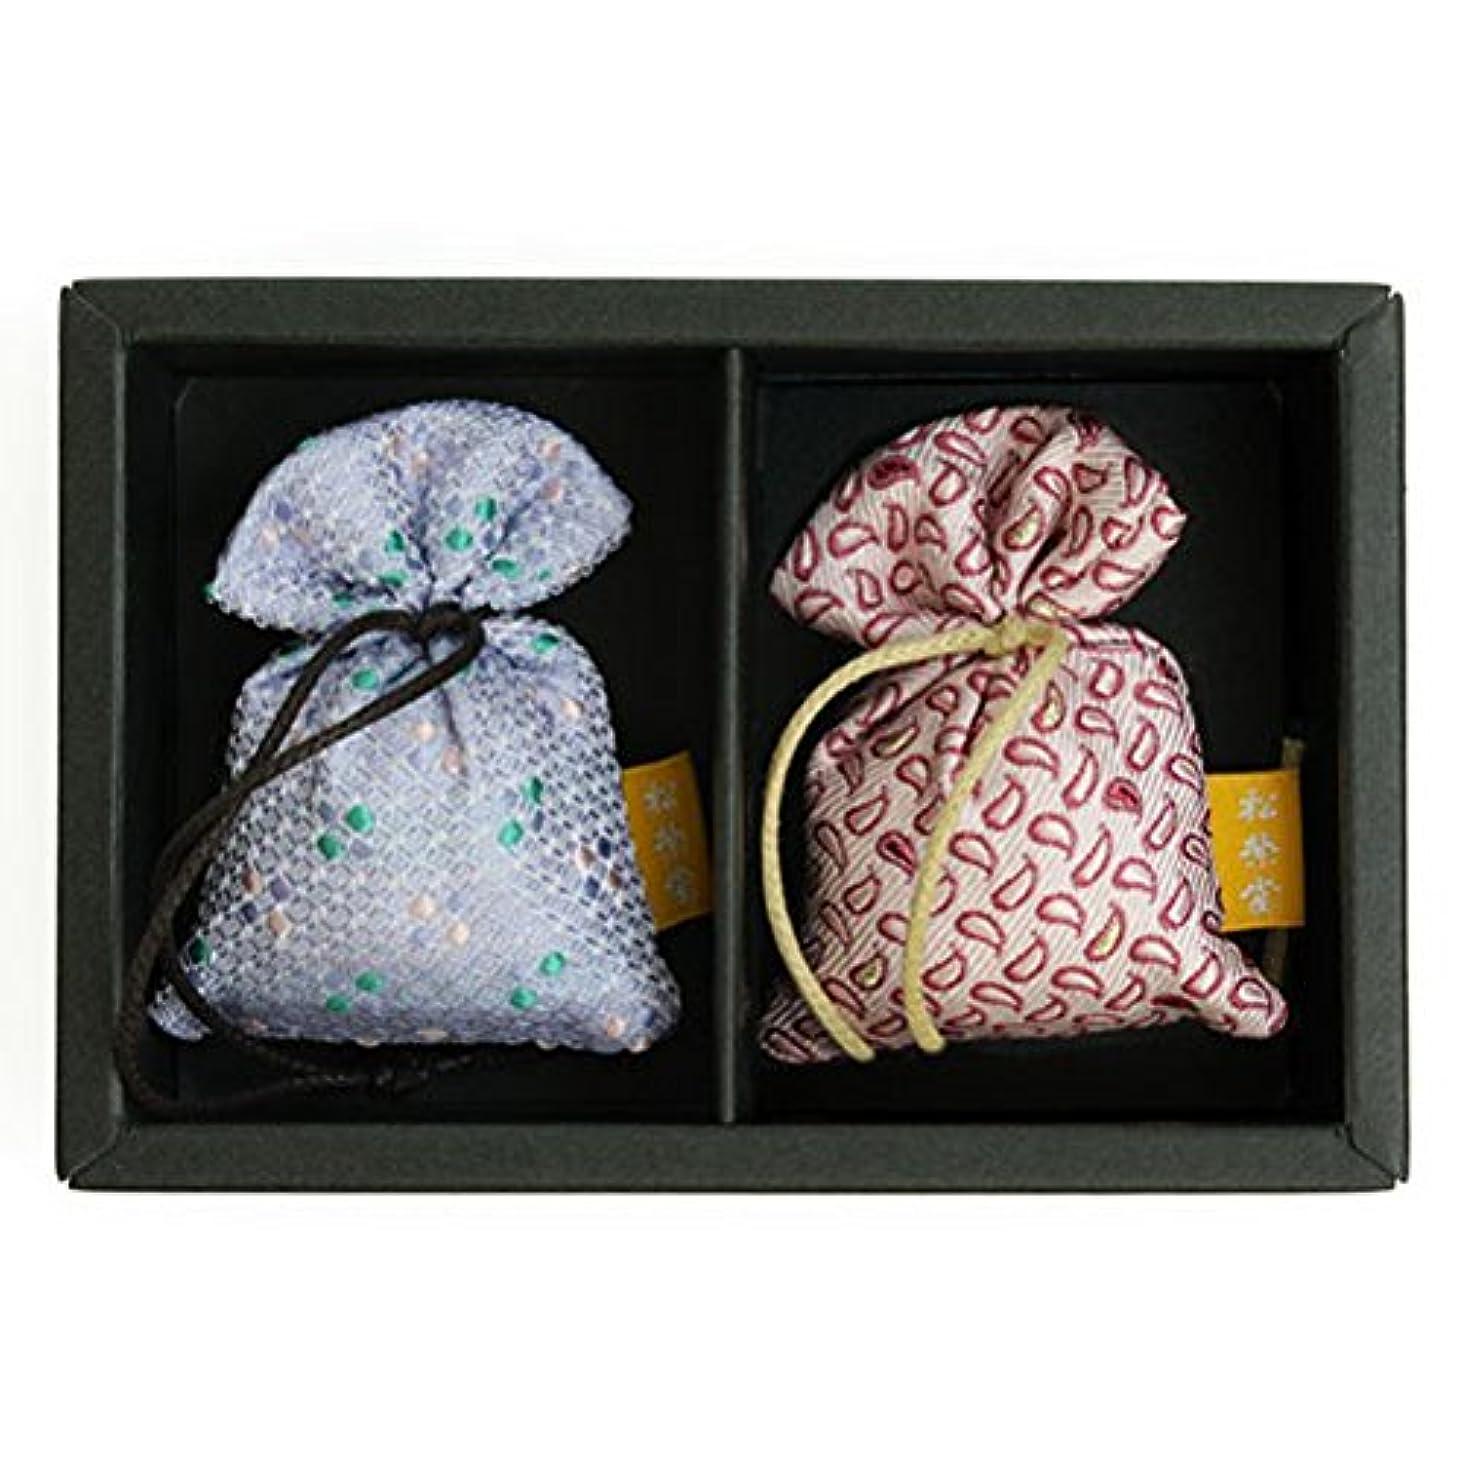 カビメダル試してみる匂い袋 誰が袖 薫 かおる 2個入 松栄堂 Shoyeido 本体長さ60mm (色?柄は選べません)